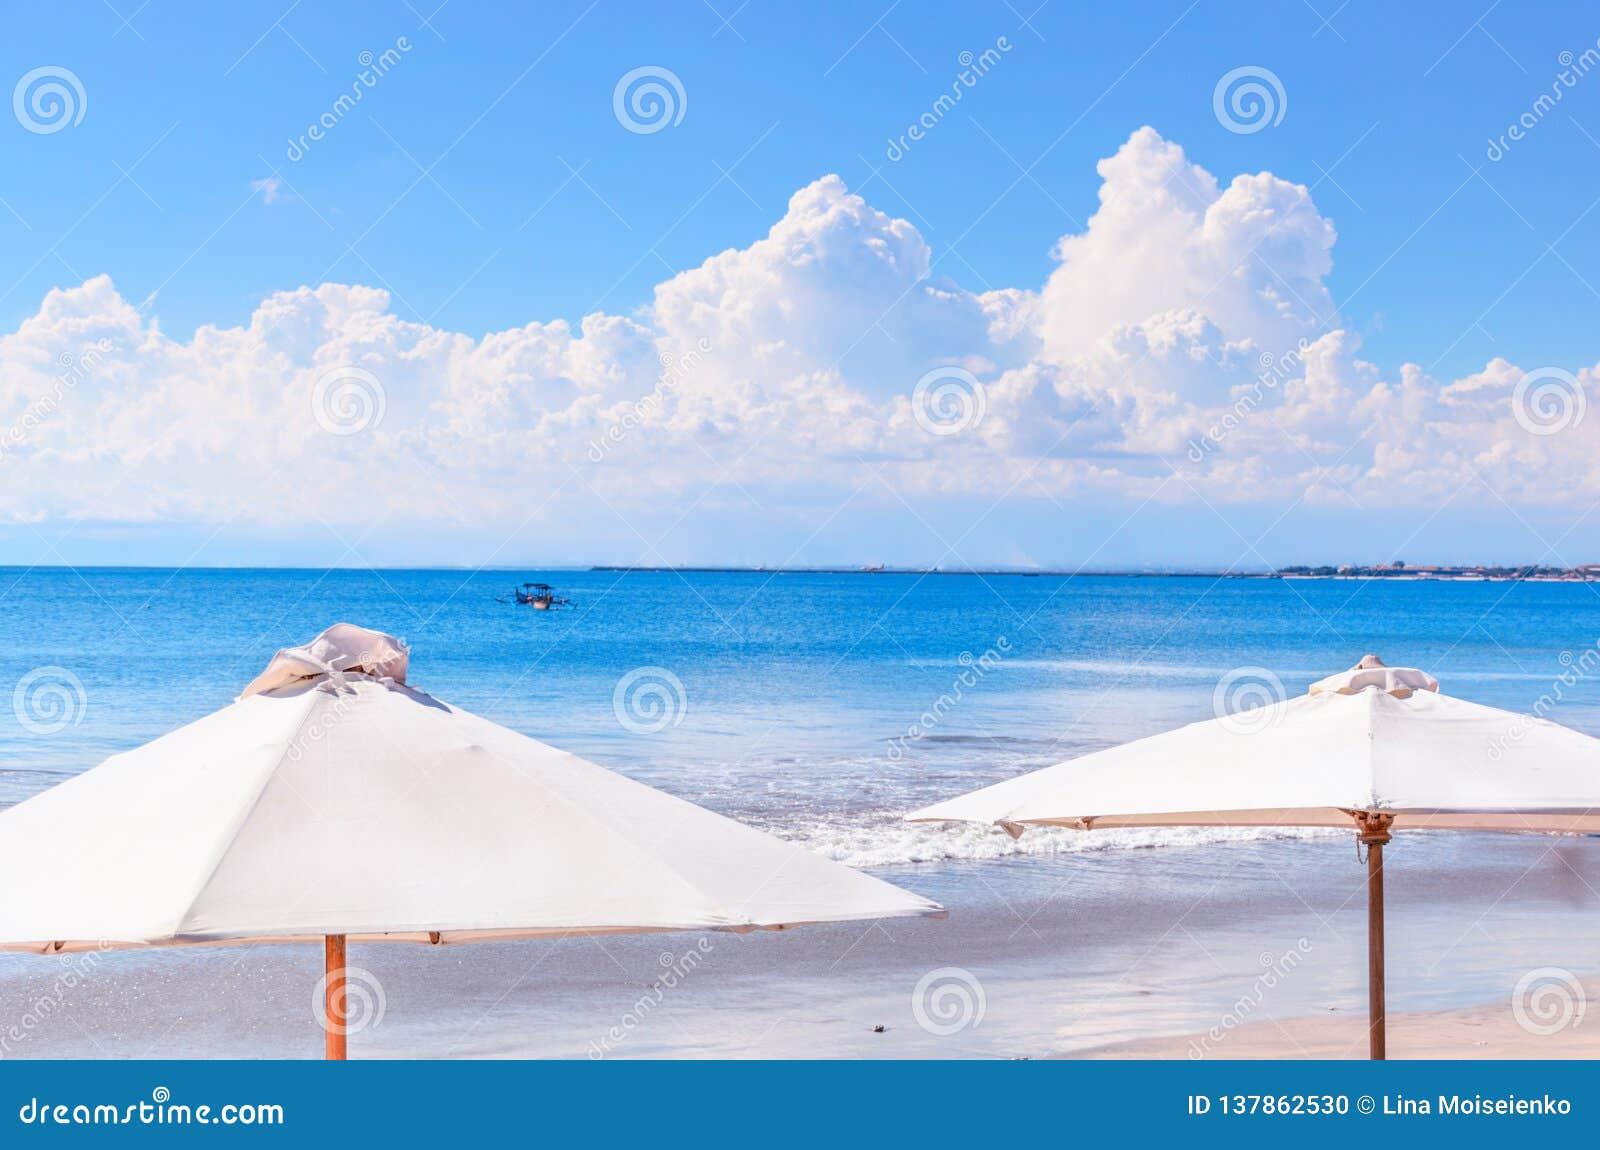 Beach Umbrellas At Calm Blue Sea Backdrop Stock Photo